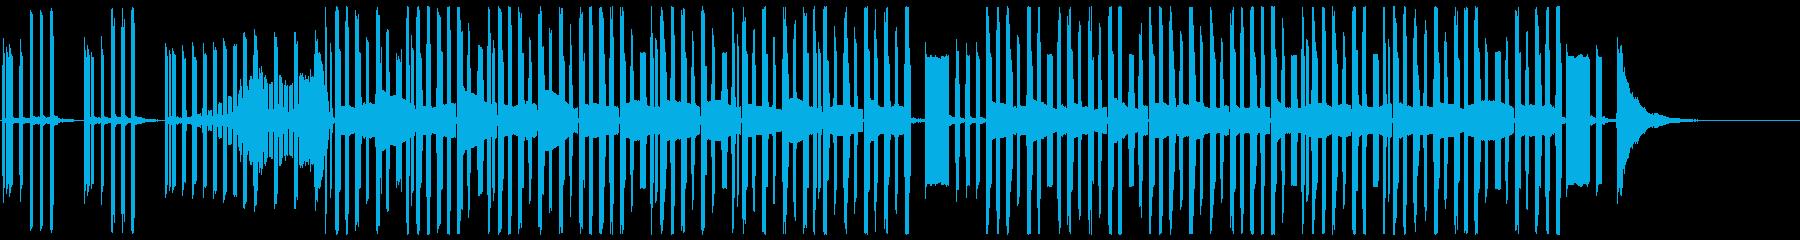 3分クッキングっぽい曲_最短Verの再生済みの波形